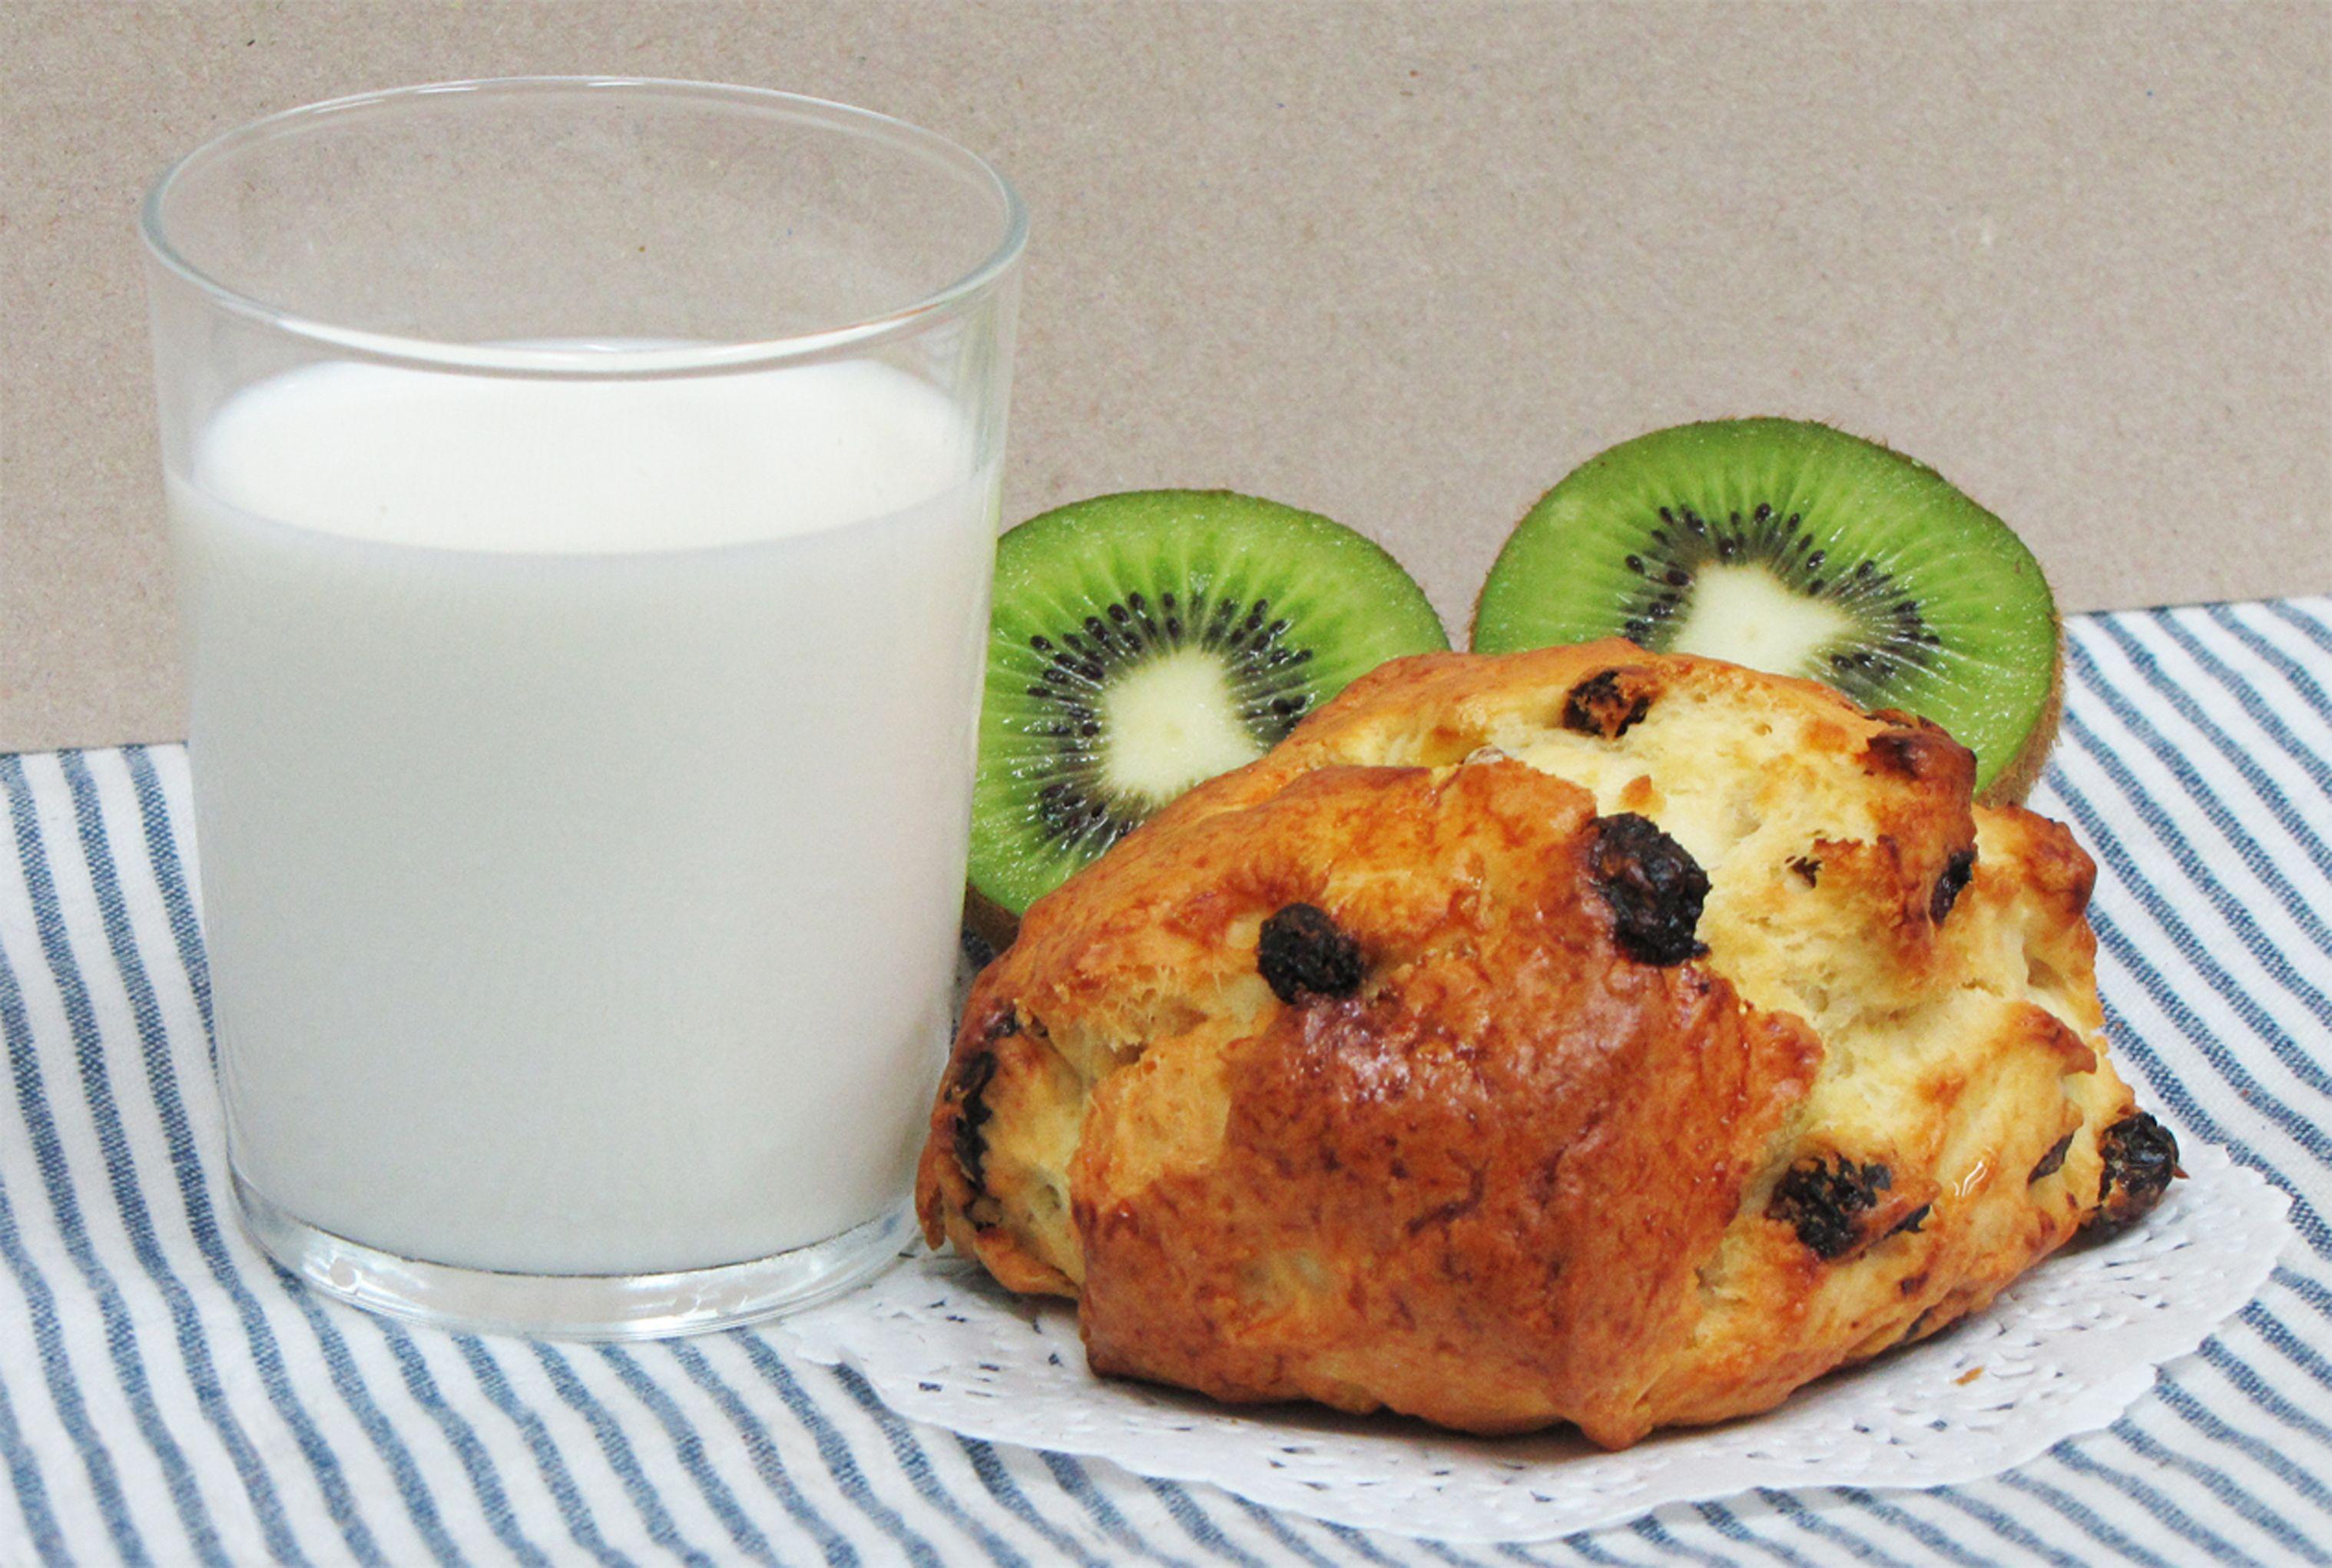 un petit verre de lait et un scone pour le gôuter....